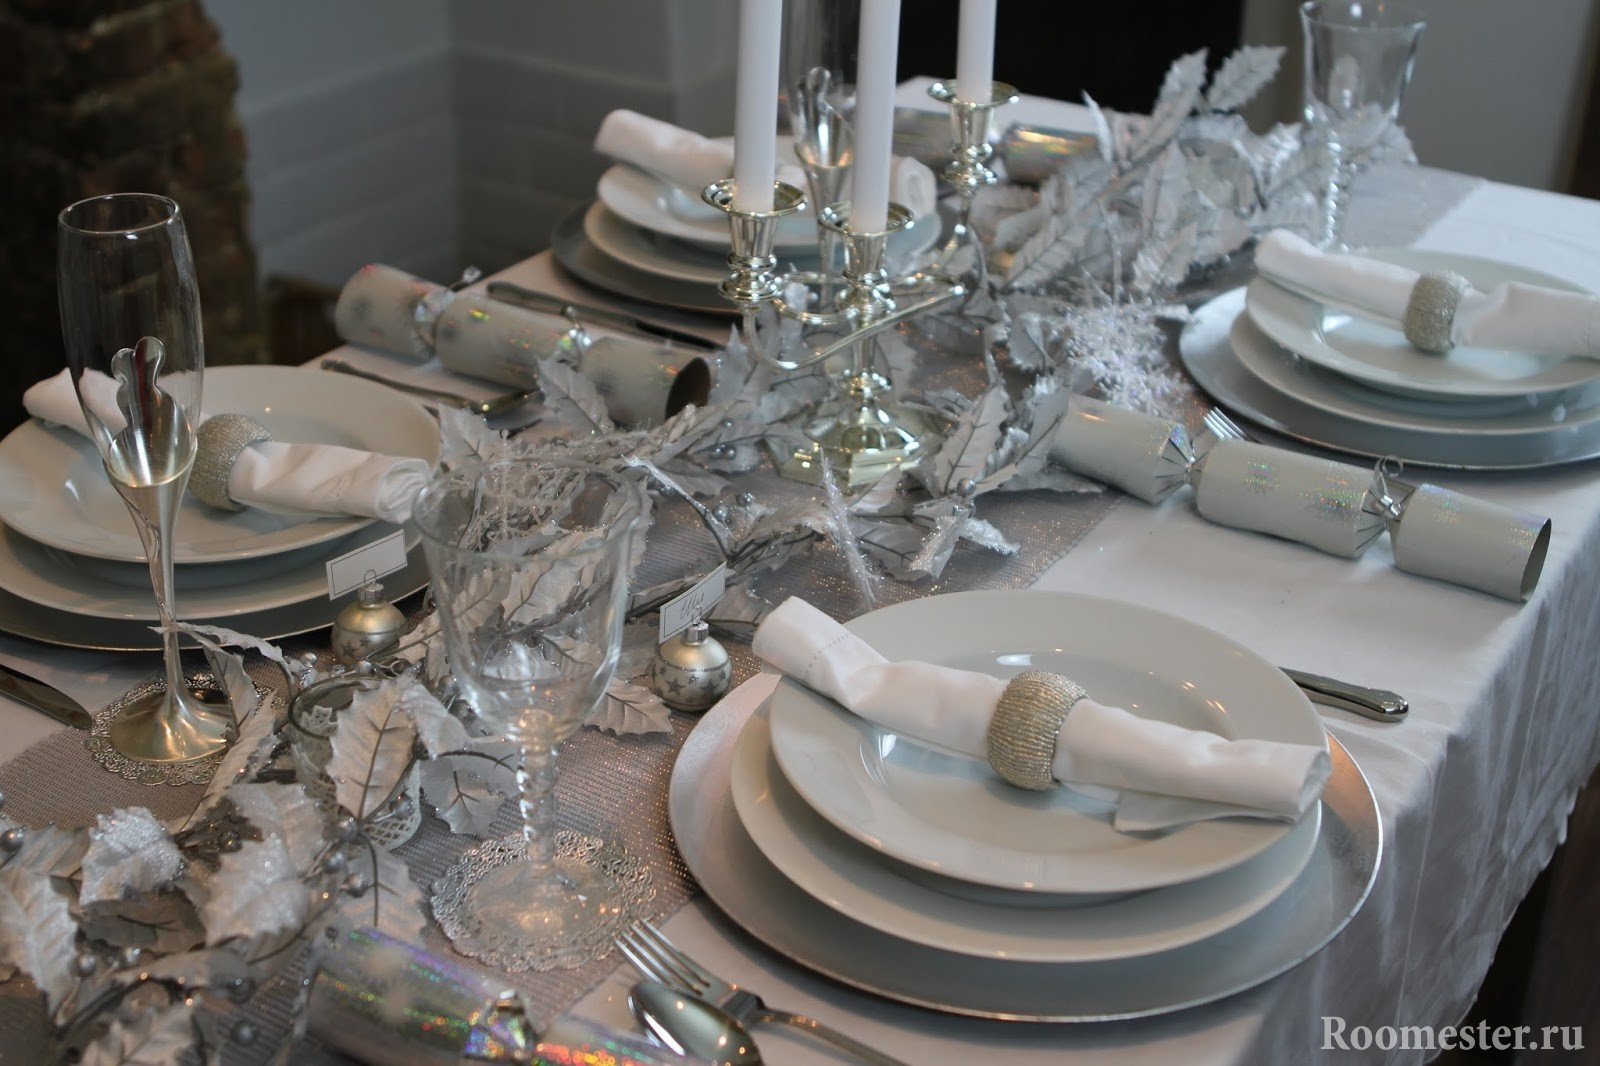 Бело-серебряная сервировка стола